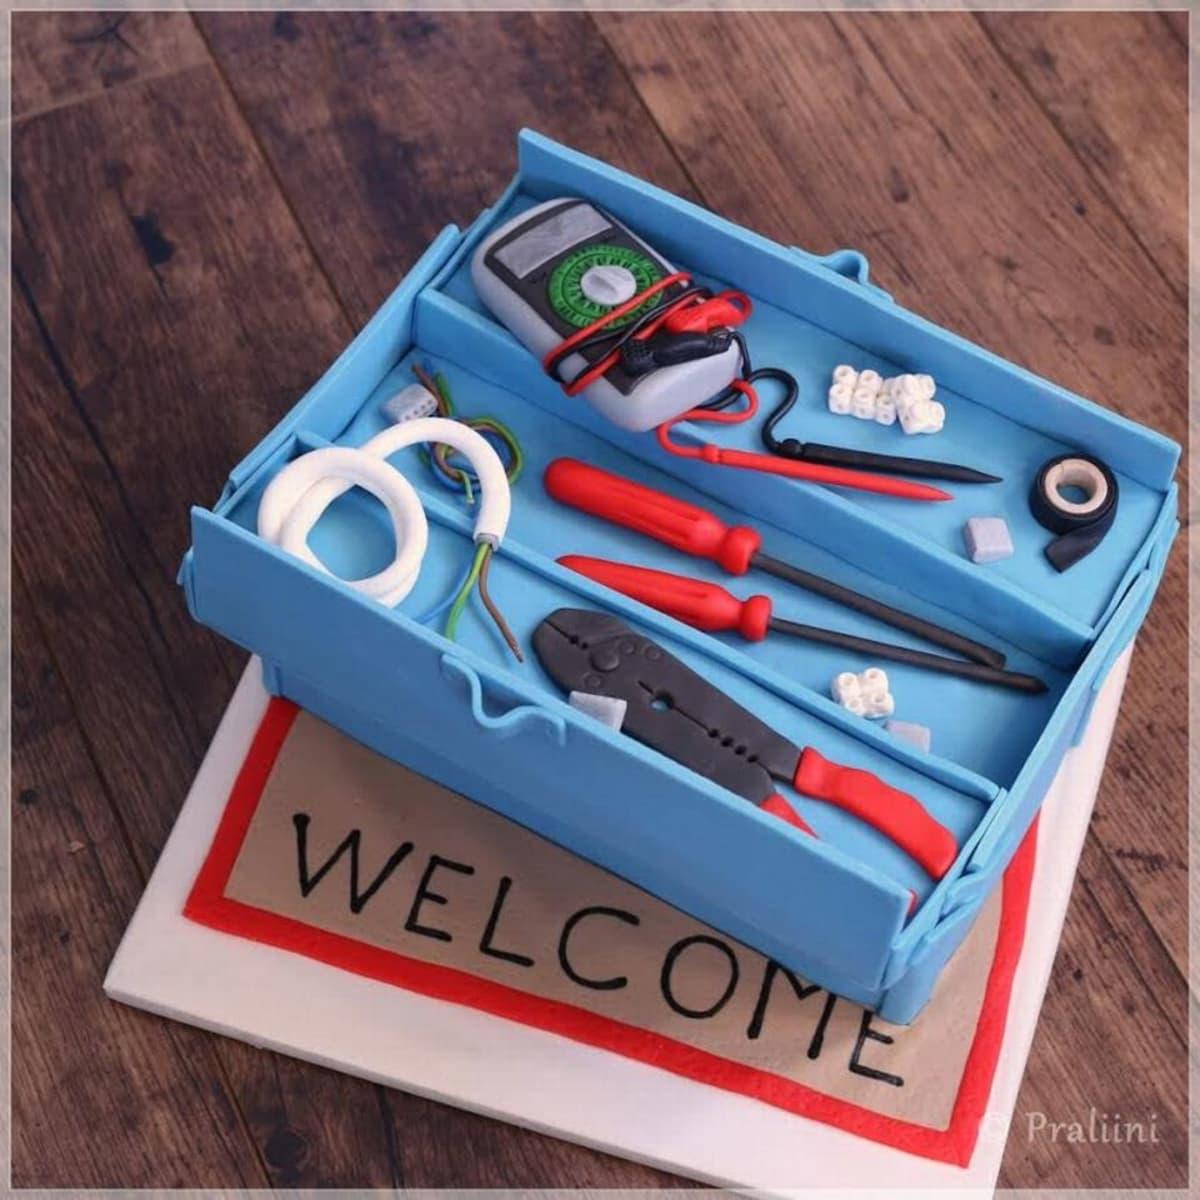 Sähkömiehen työkalut